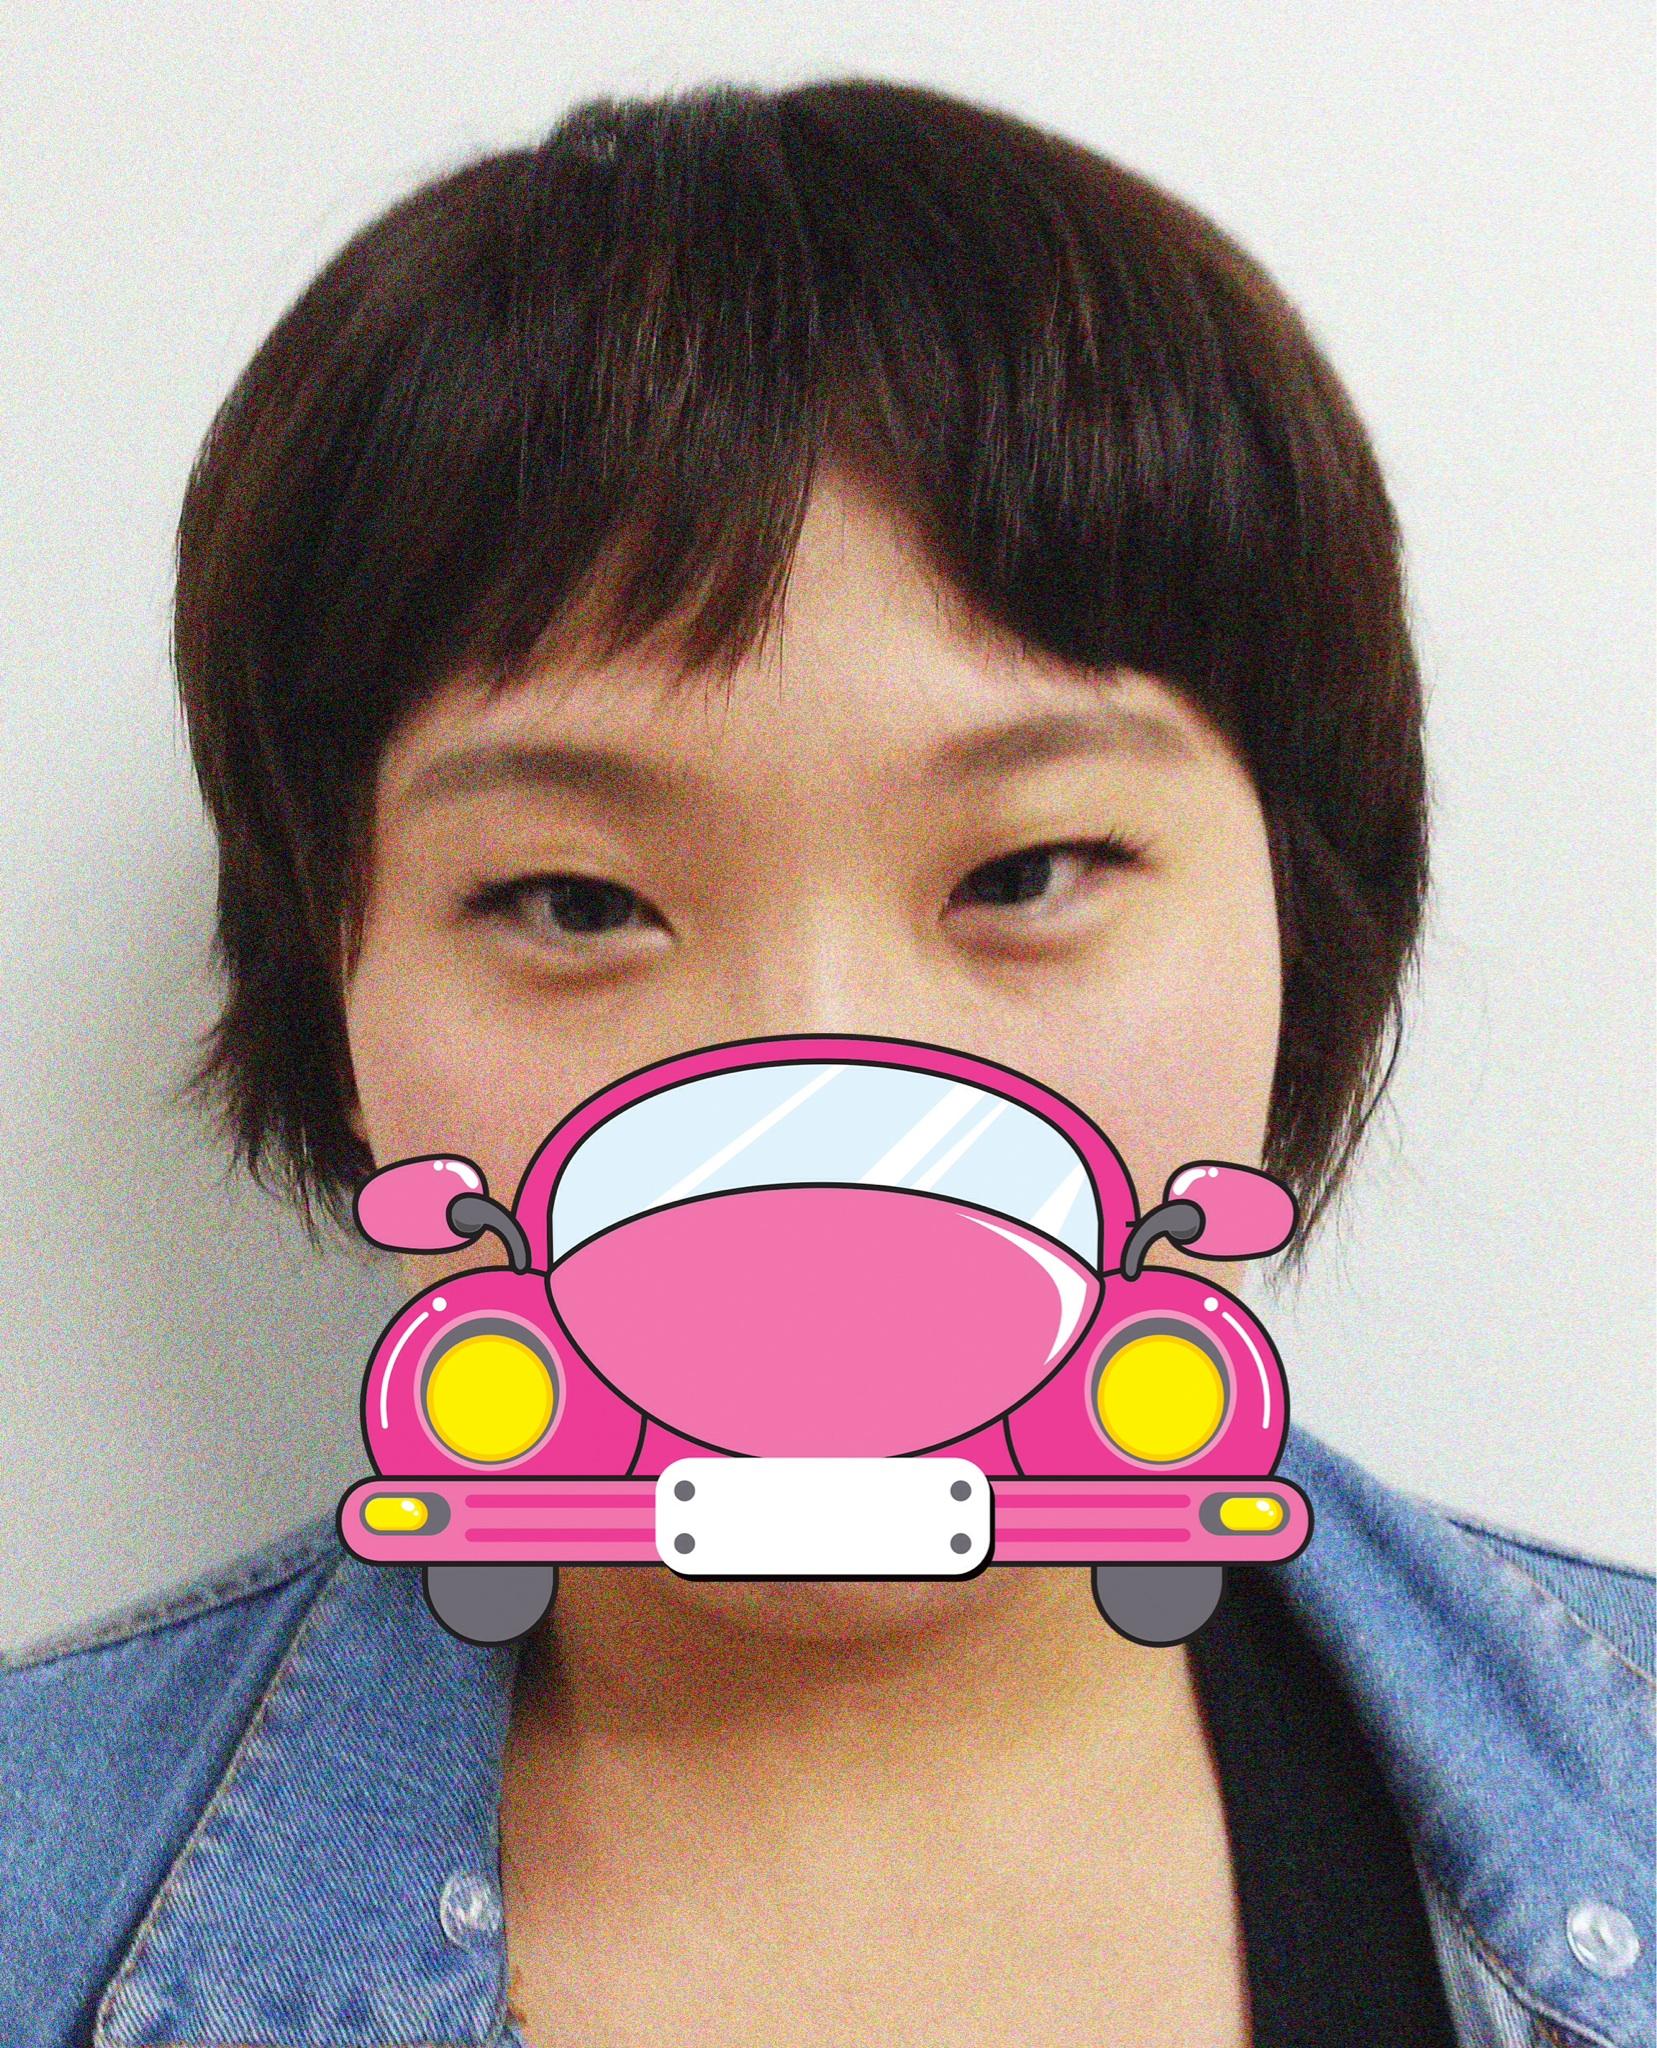 我花了260万韩币在韩国做了双眼皮之后每天都在照镜子